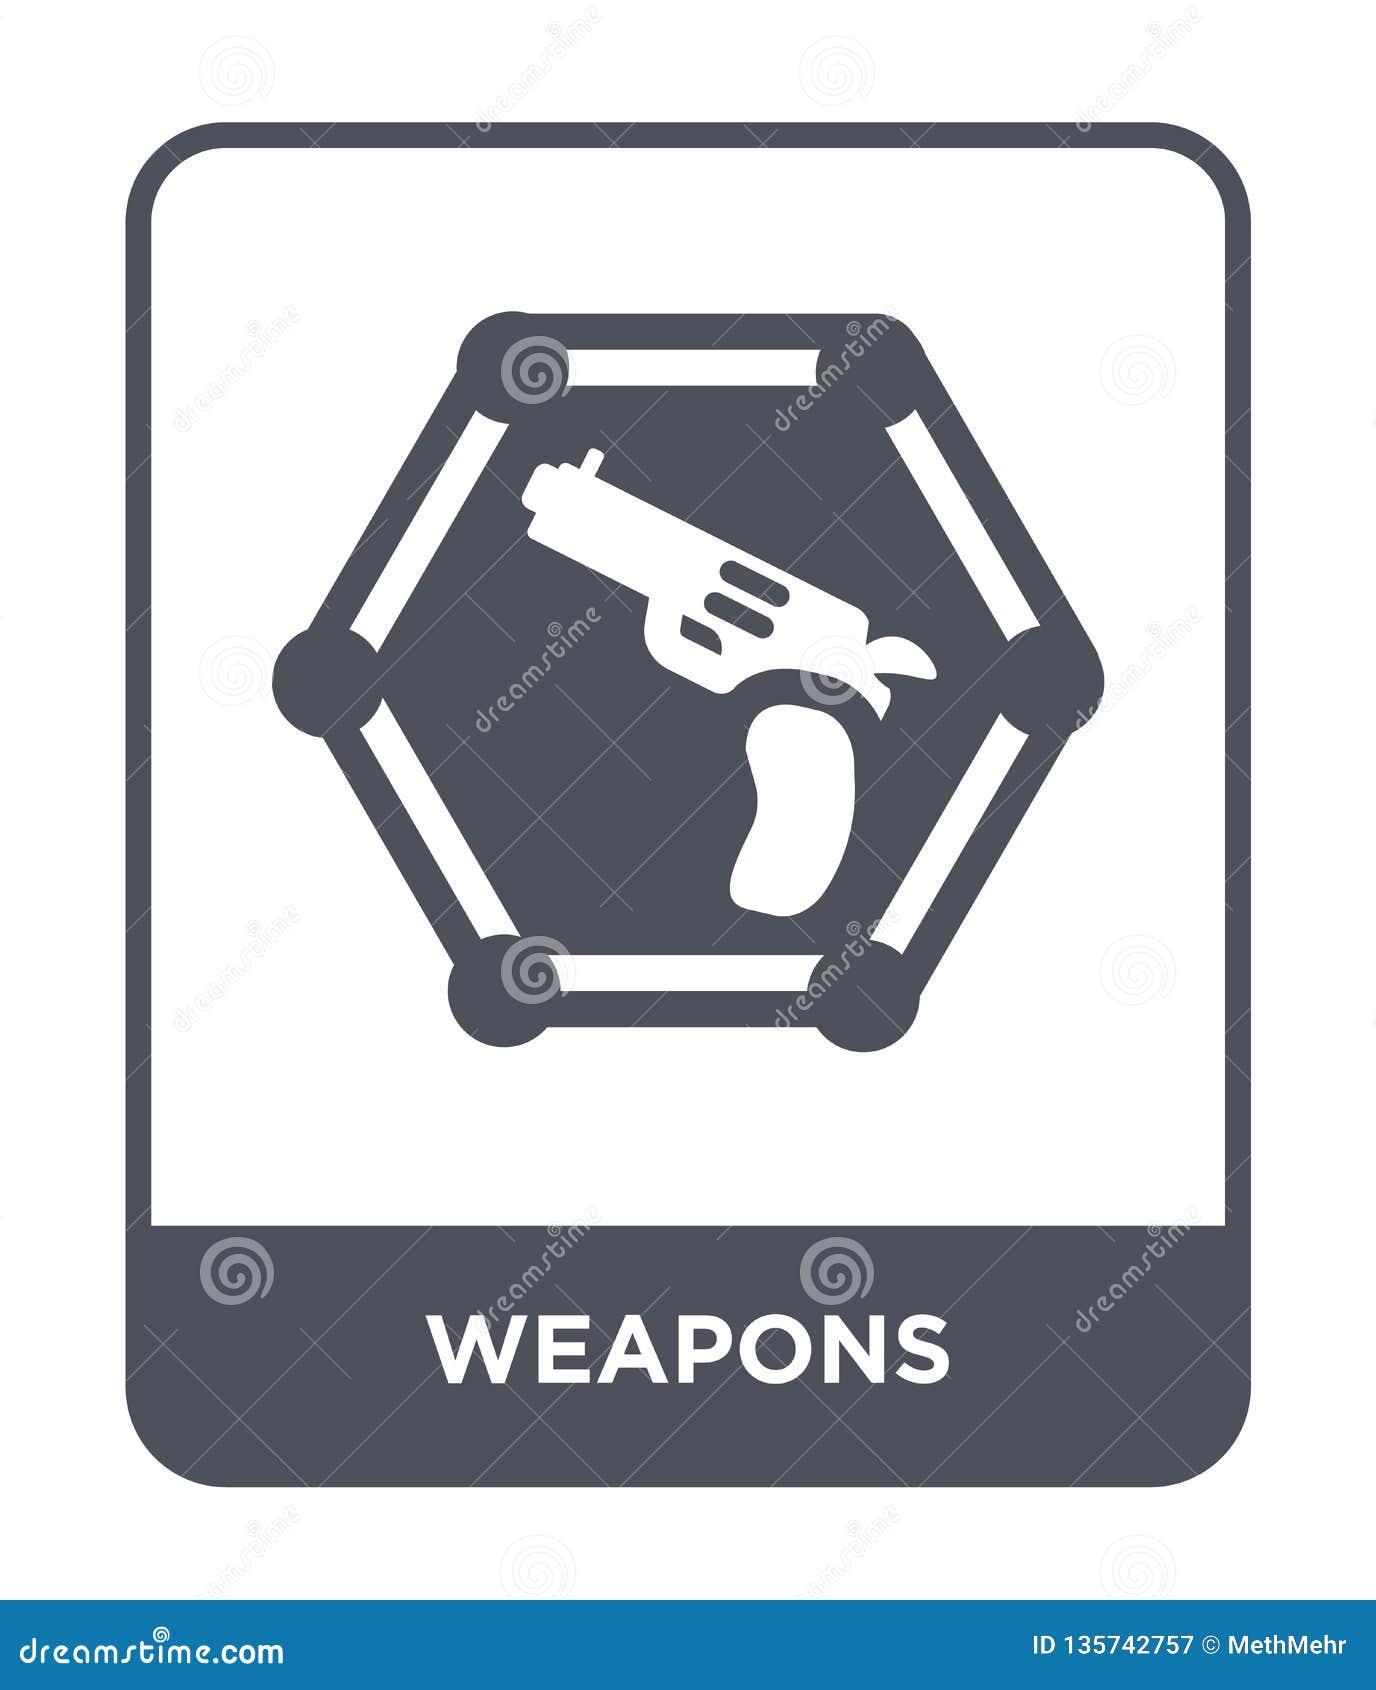 Icono de las armas en estilo de moda del diseño Icono de las armas aislado en el fondo blanco símbolo plano simple y moderno del